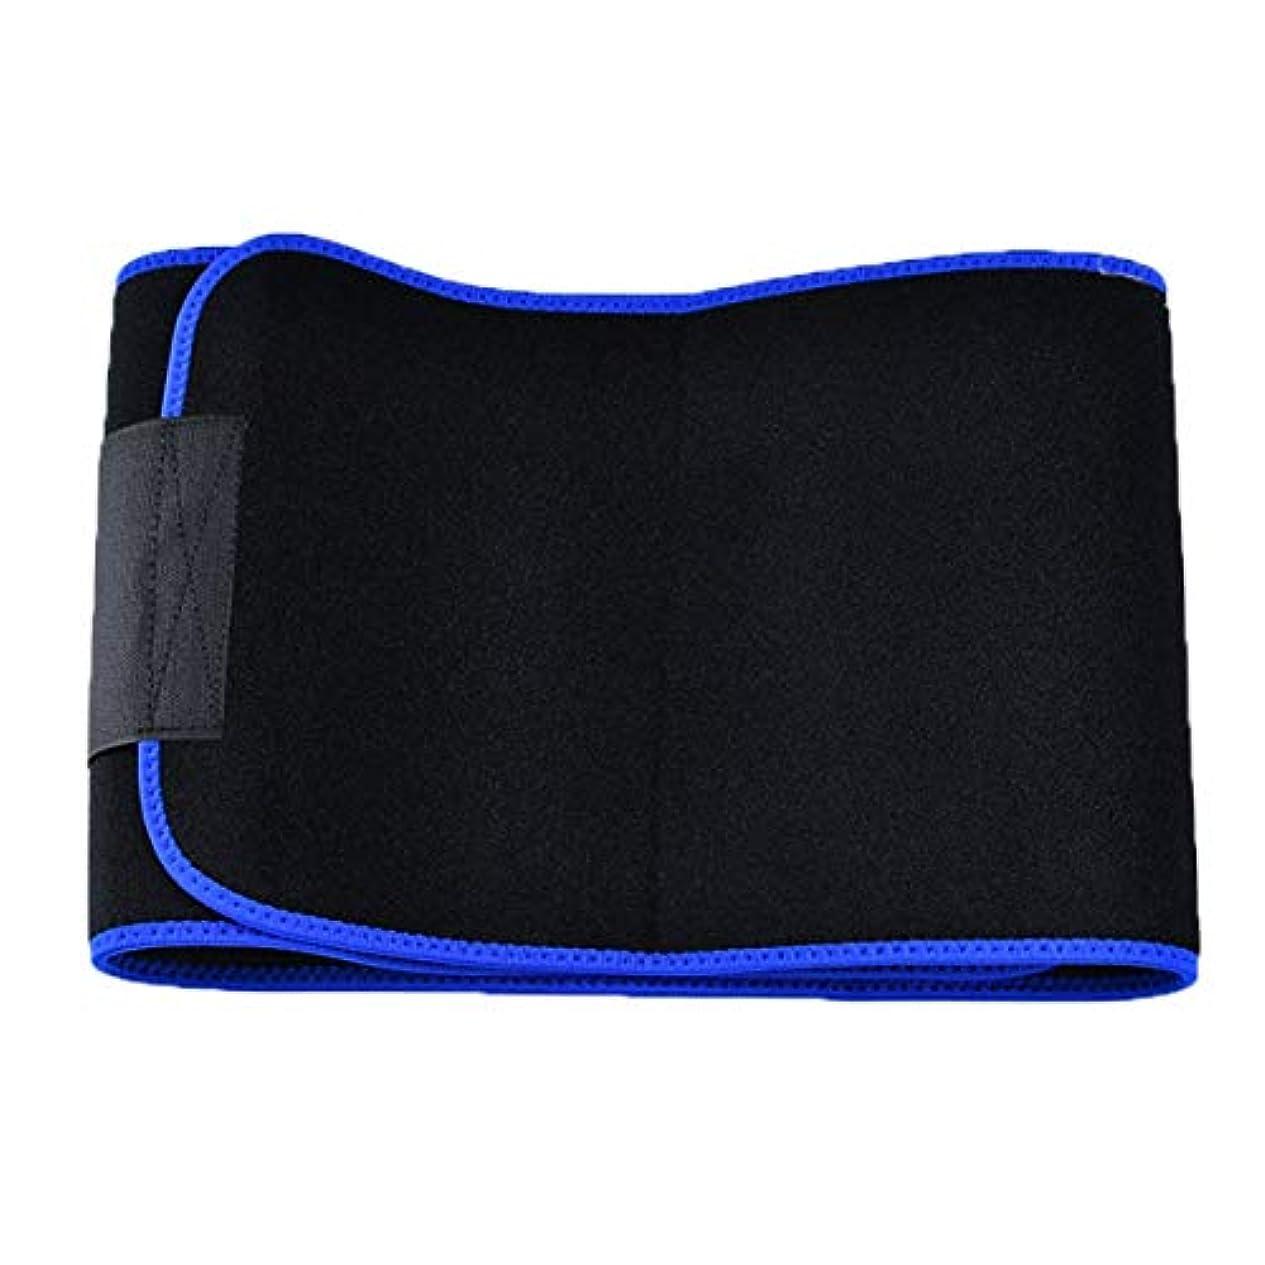 目に見える適格反発する腹部プラスチックベルトウエストサポートボディシェイパートレーニングコルセット痩身ウエストベルトスリム汗スポーツ保護具